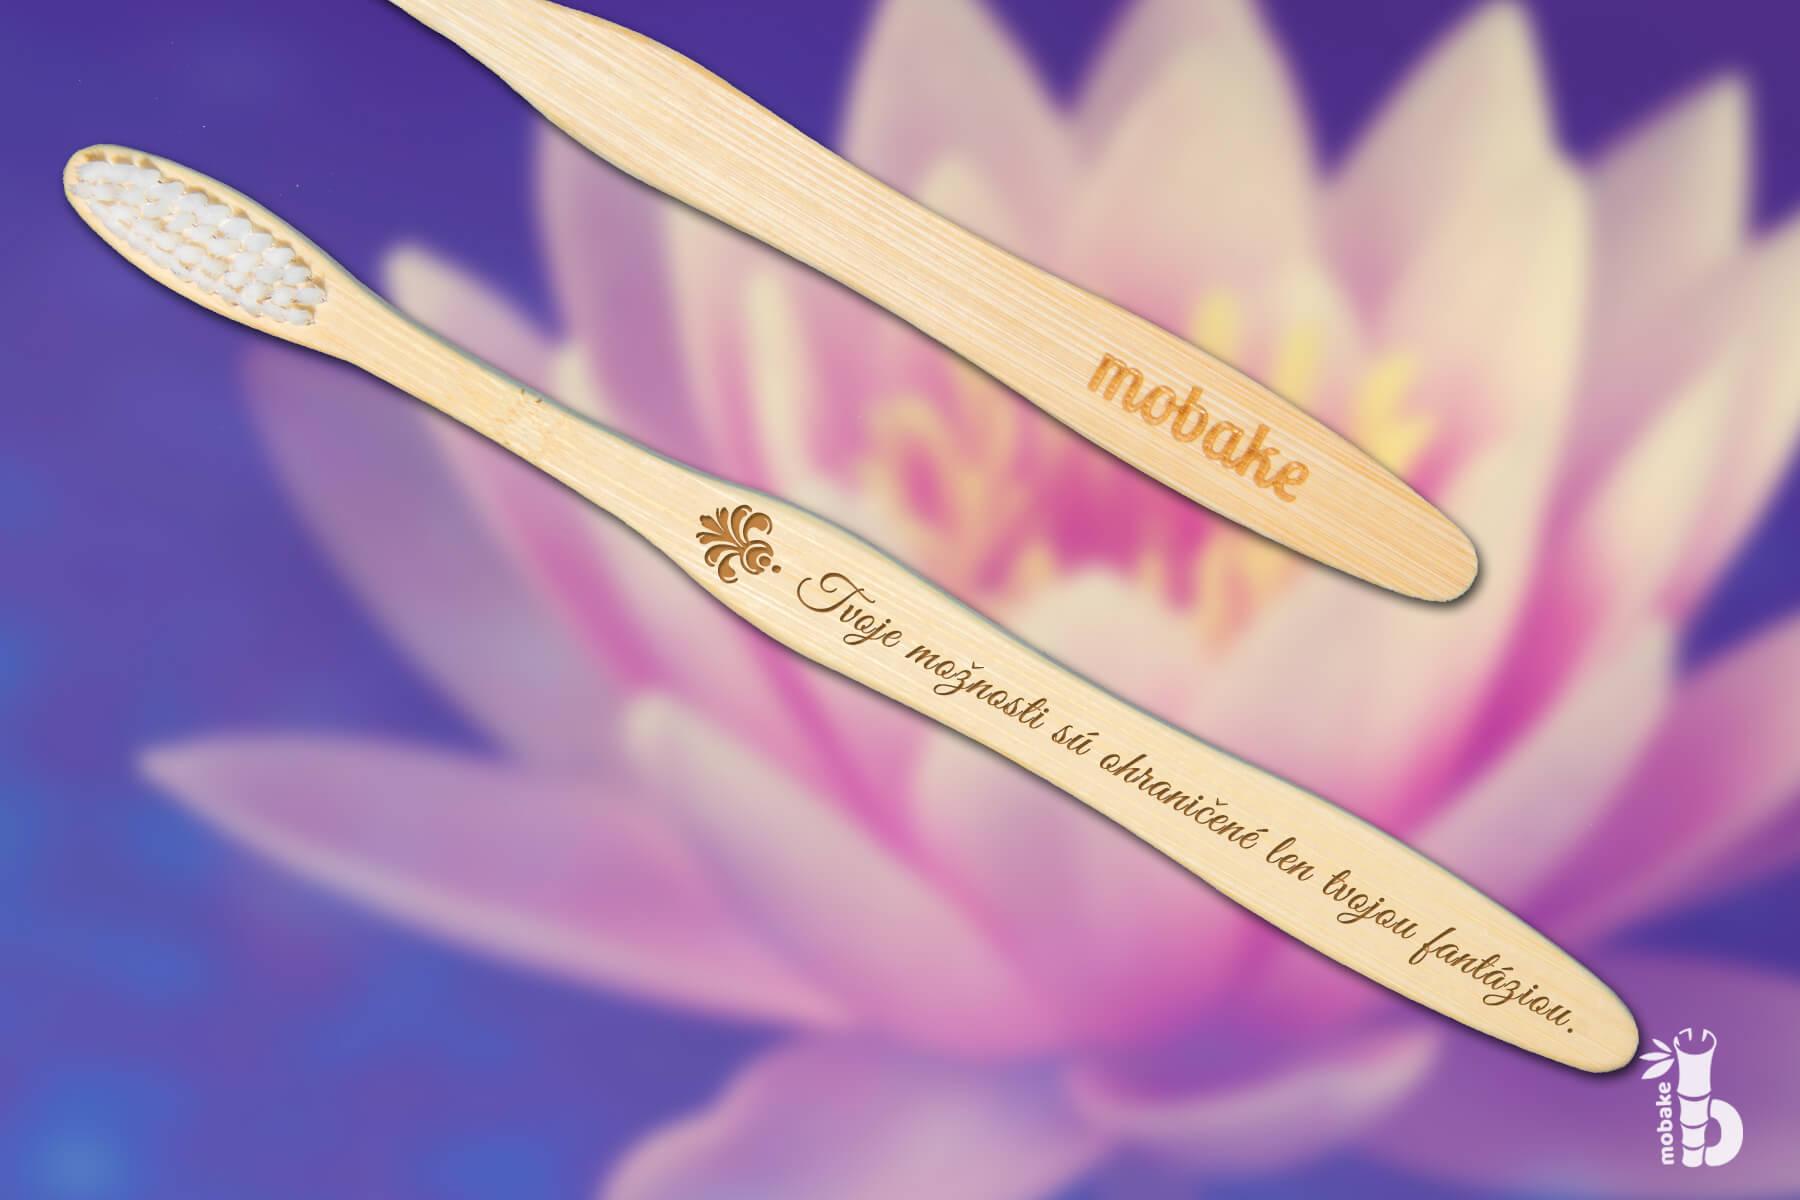 MOBAKE Motivačná Kefka® | Tvoje myšlienky sú ohraničené len tvojou fantáziou | Extra Soft 3010 | 1 ks